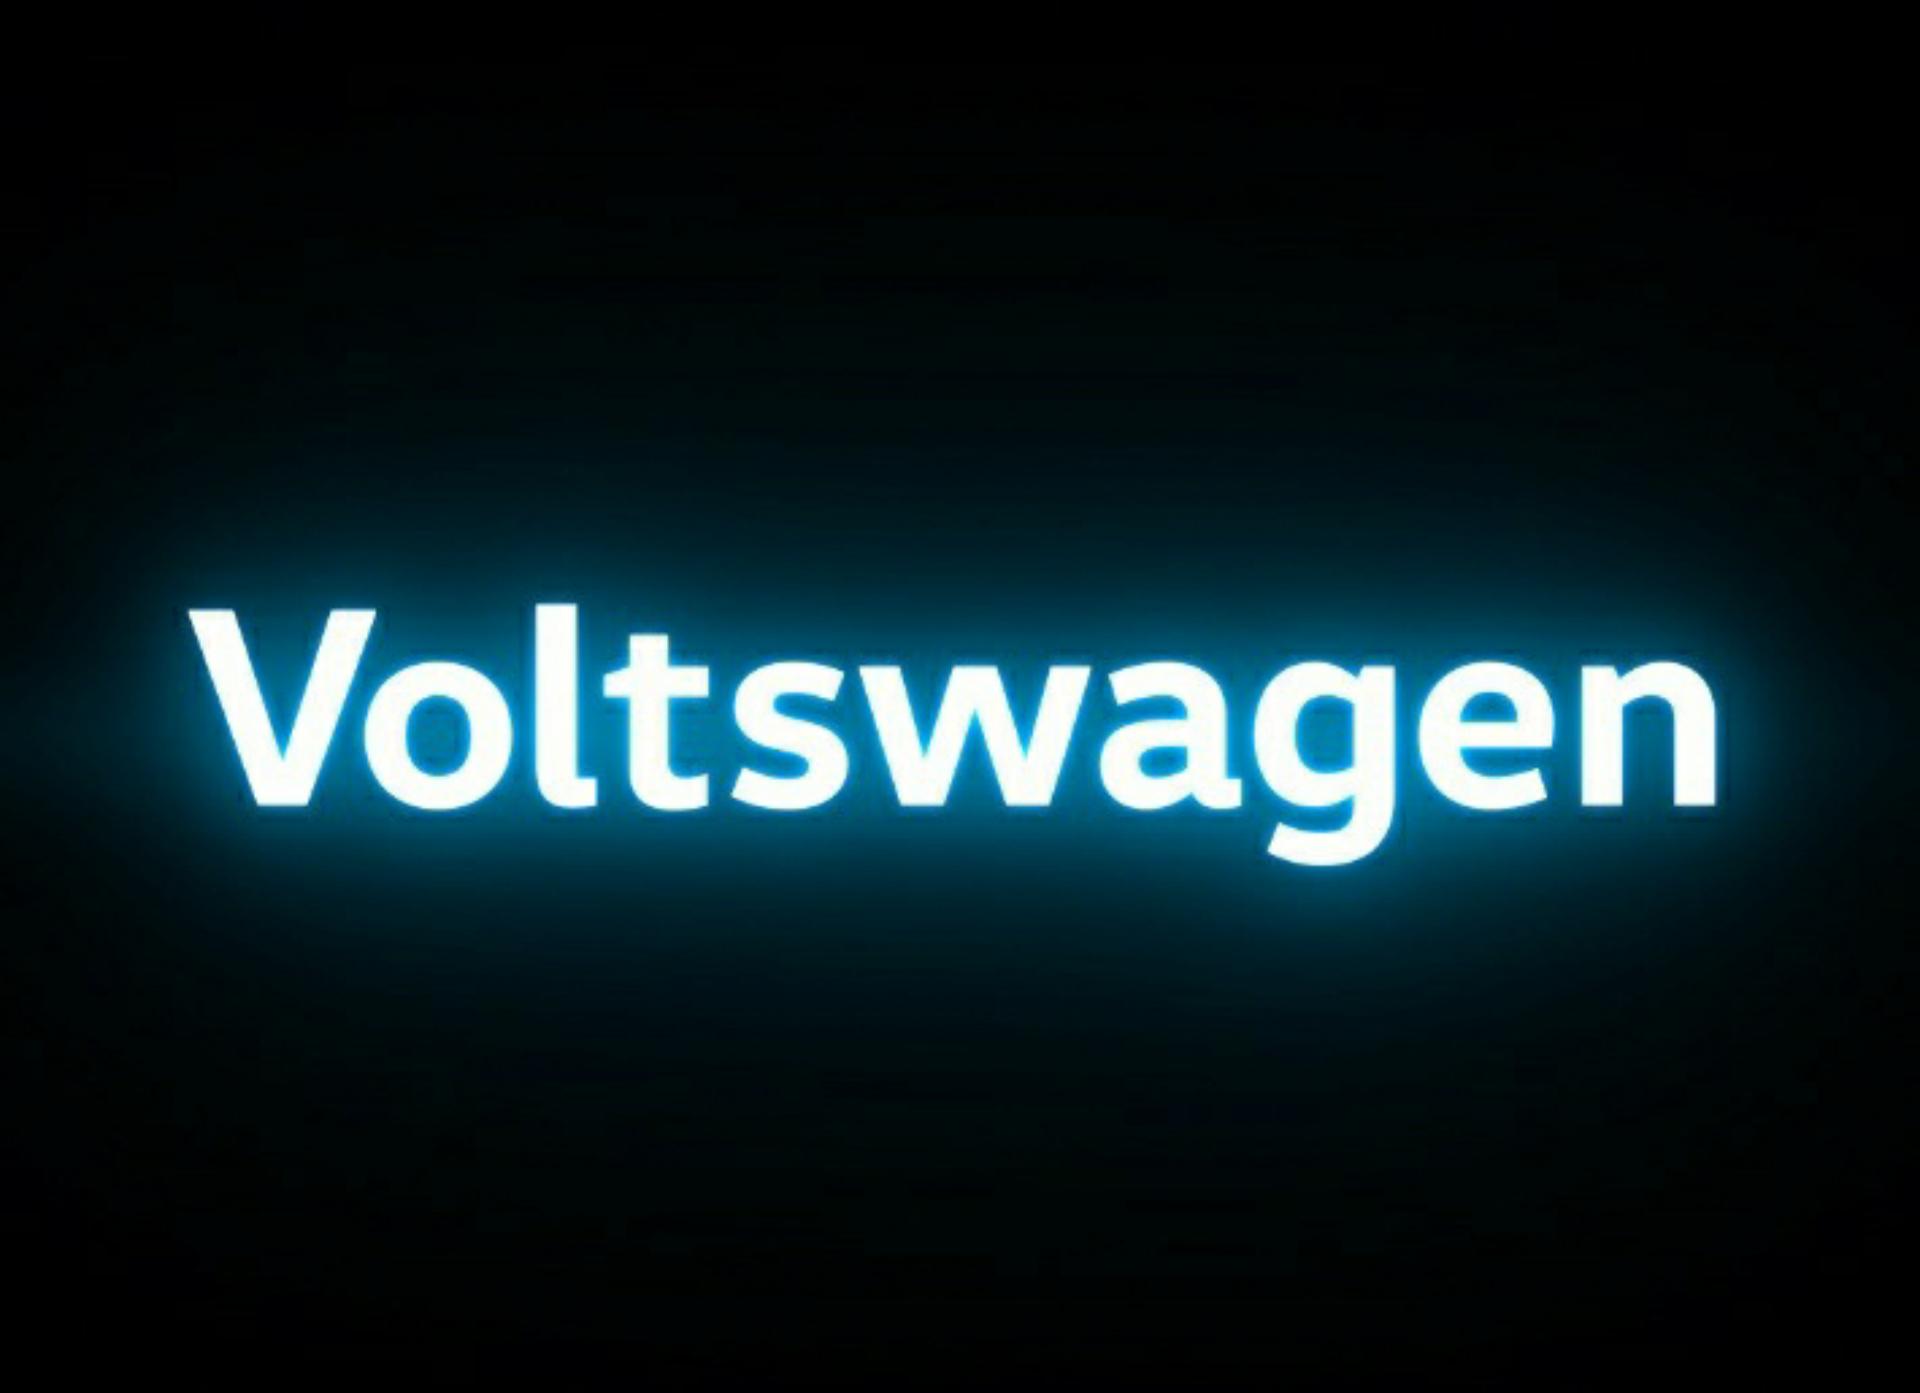 voltswagen volkswagen novo nome